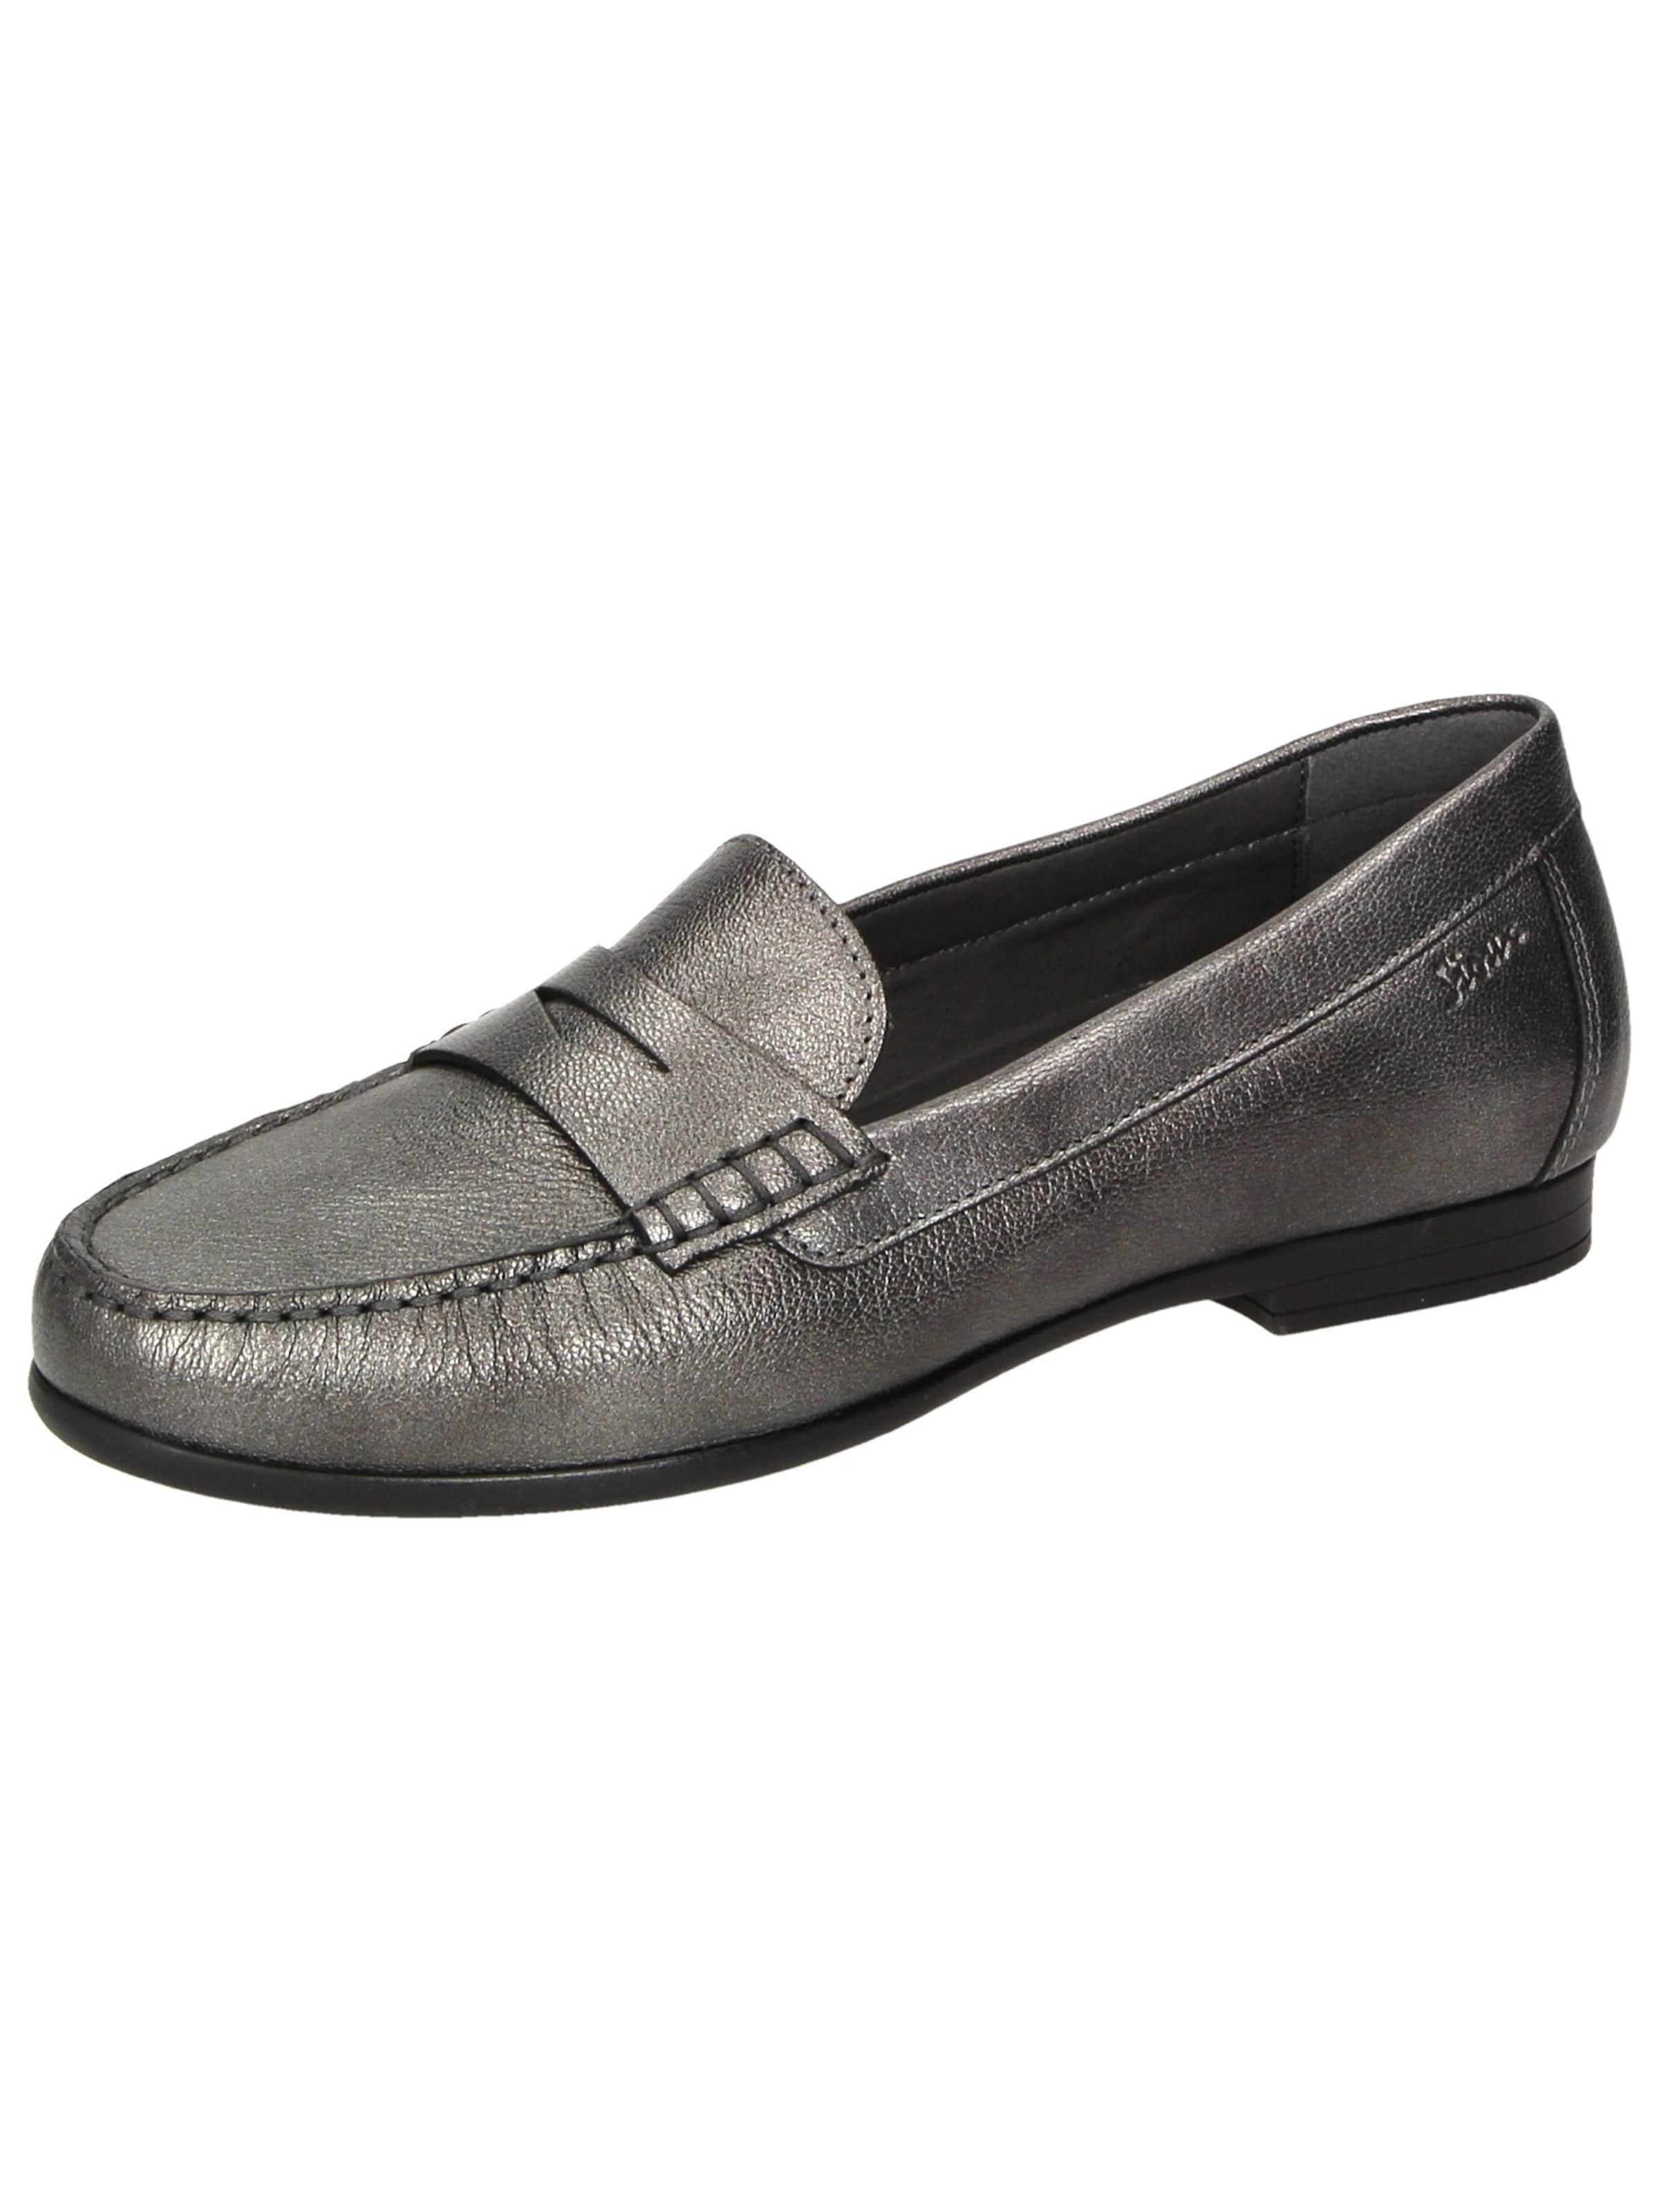 SIOUX Slipper Lioba Verschleißfeste billige Schuhe